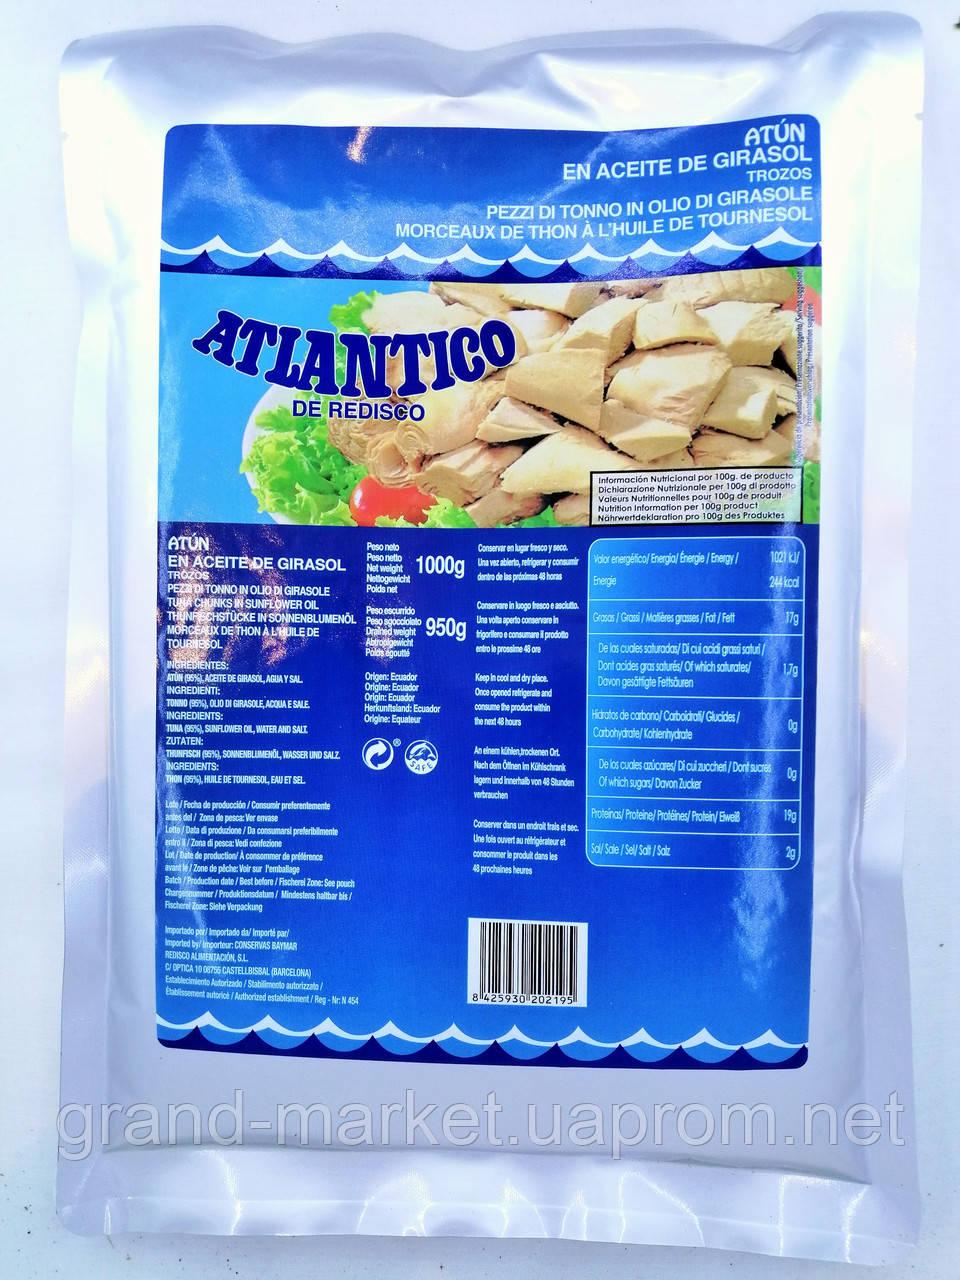 Тунець у фользі Atlantico в соняшниковій олії 1 кг